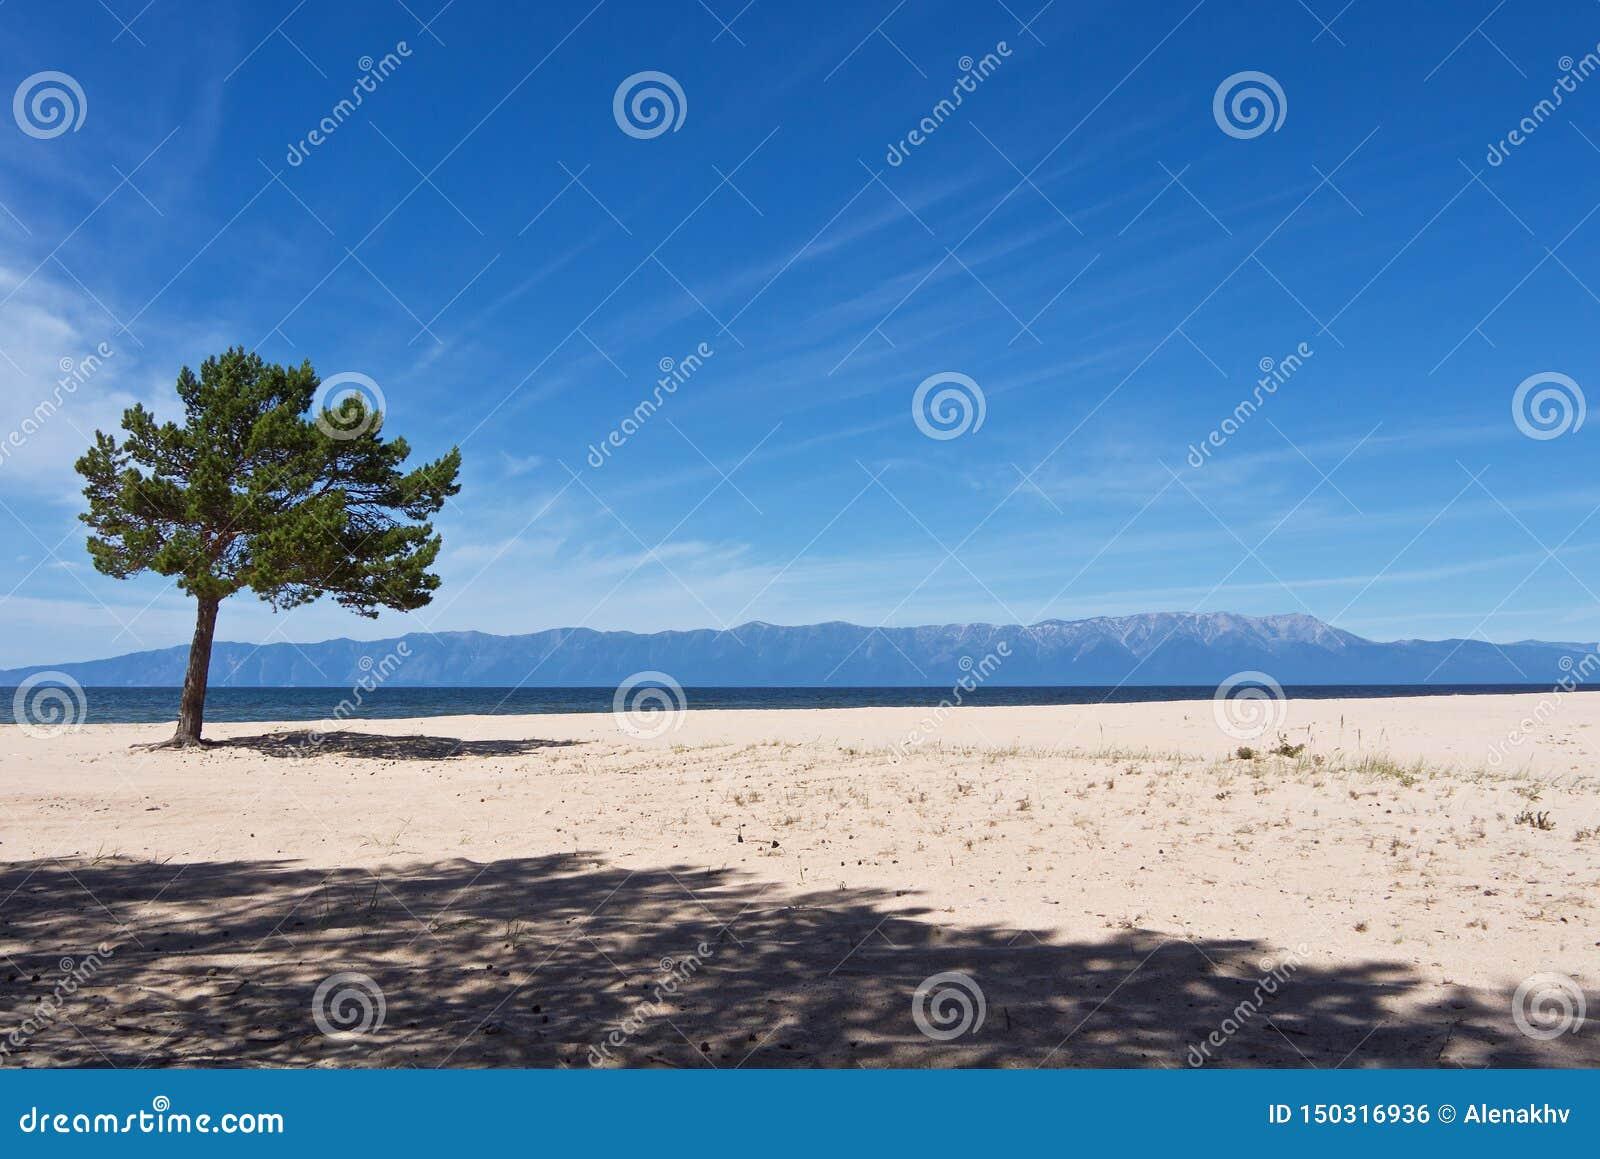 Paysage au bord du lac arénacé blanc avec le pin vert seul